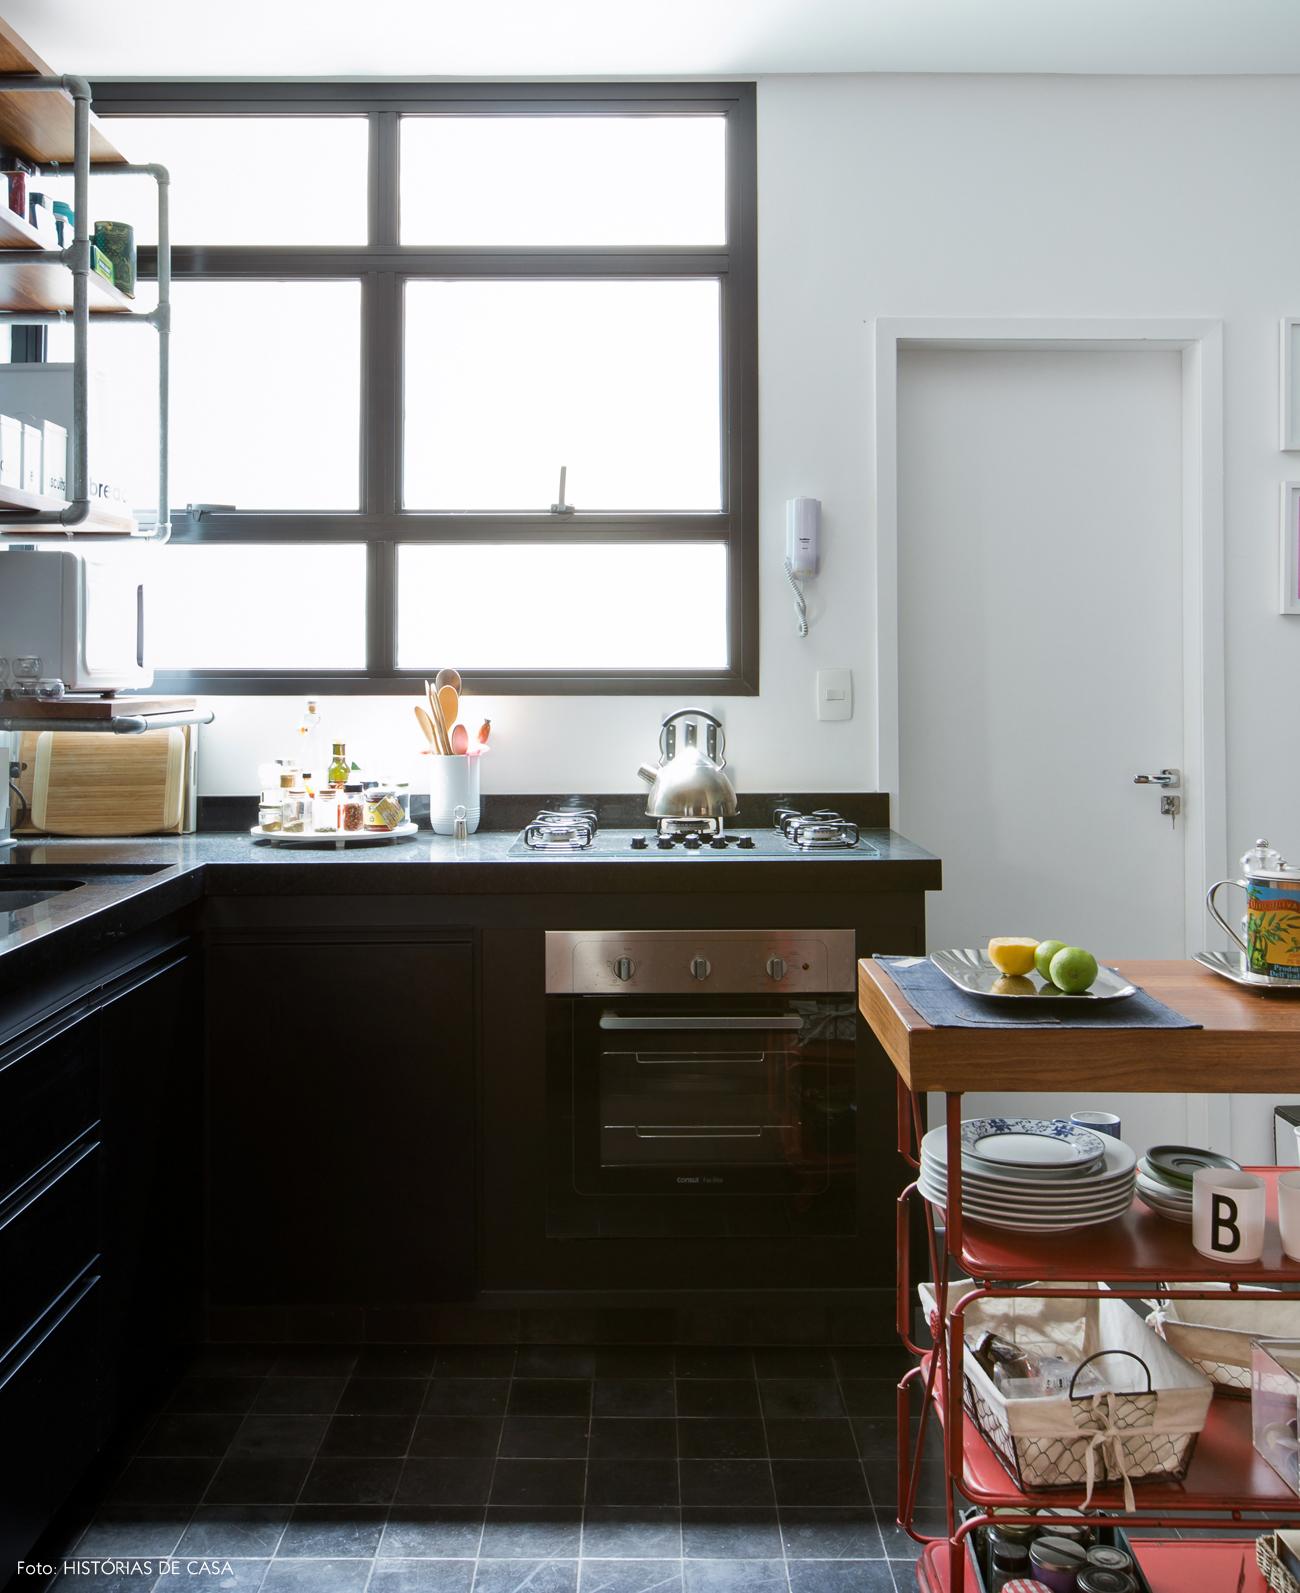 30-decoracao-cozinha-aberta-preto-e-branco-carrinho